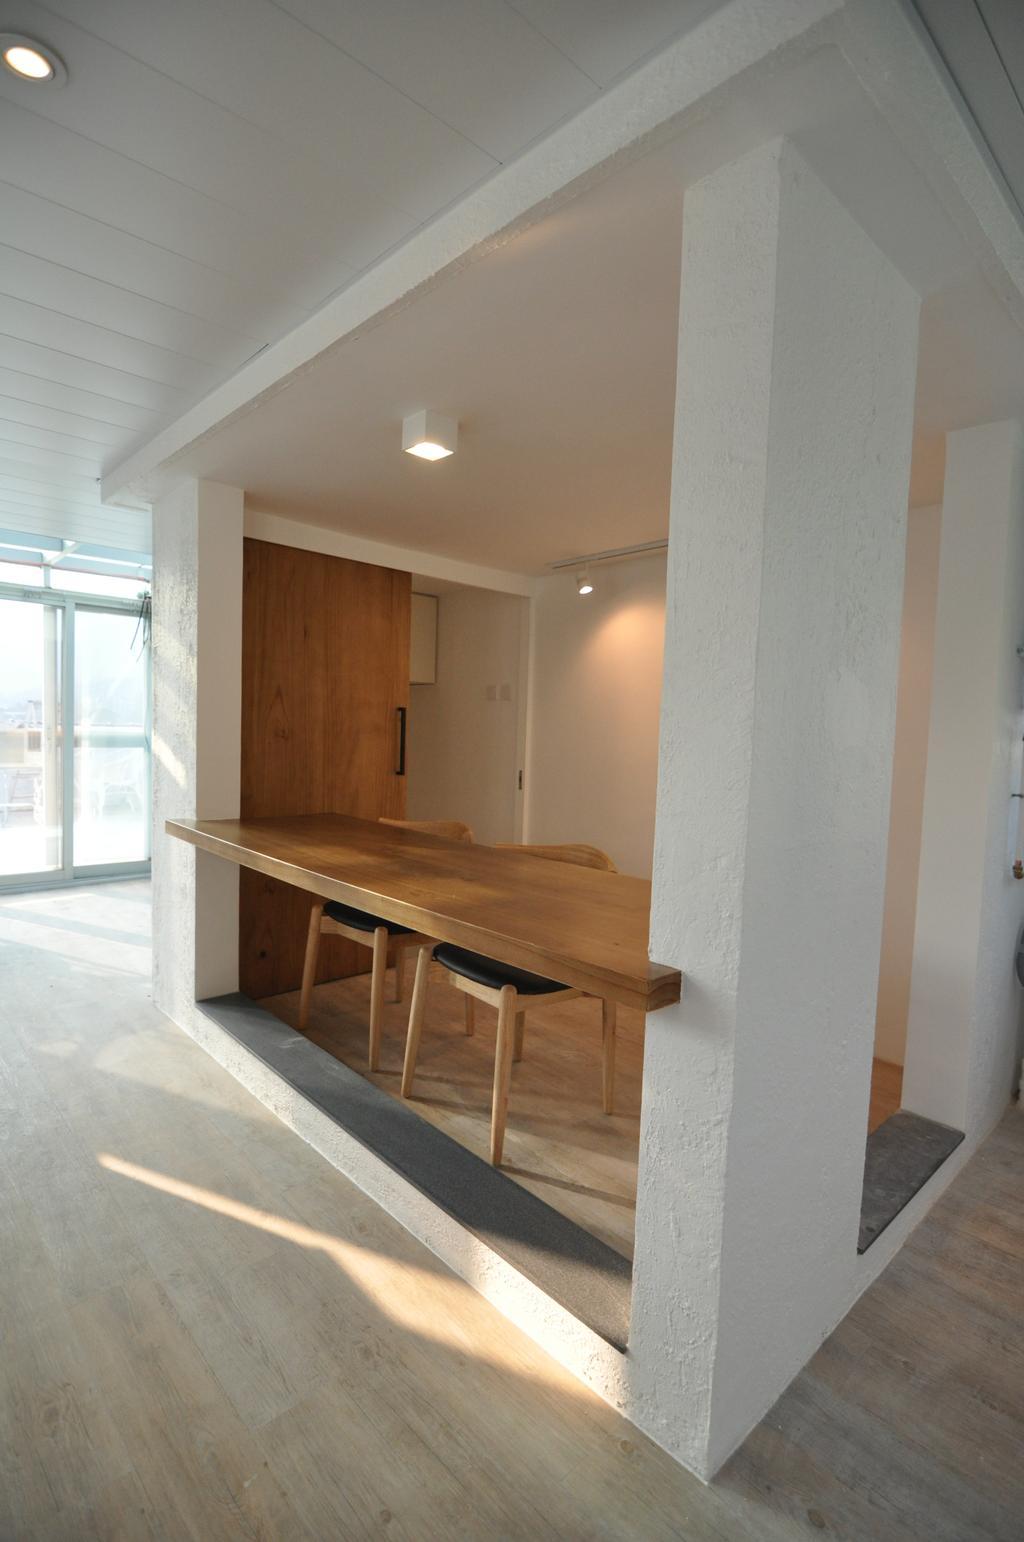 摩登, 獨立屋, 飯廳, 西貢, 室內設計師, Mister Glory, Plywood, Wood, Furniture, Dining Table, Table